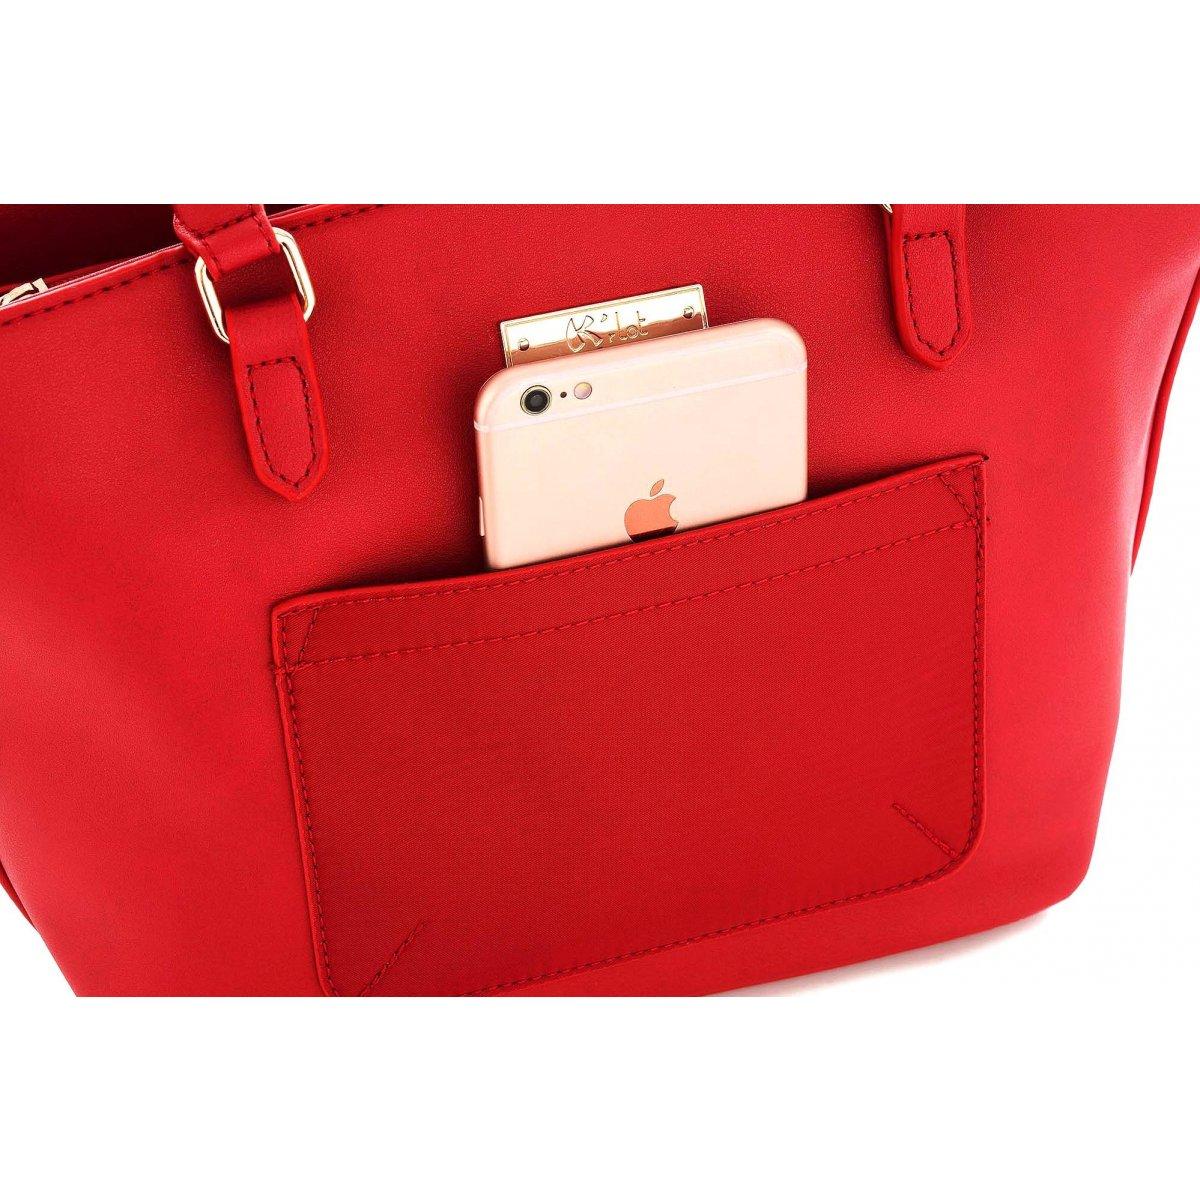 sac main les sacs de krlot fkg0011 couleur principale rouge promotion. Black Bedroom Furniture Sets. Home Design Ideas